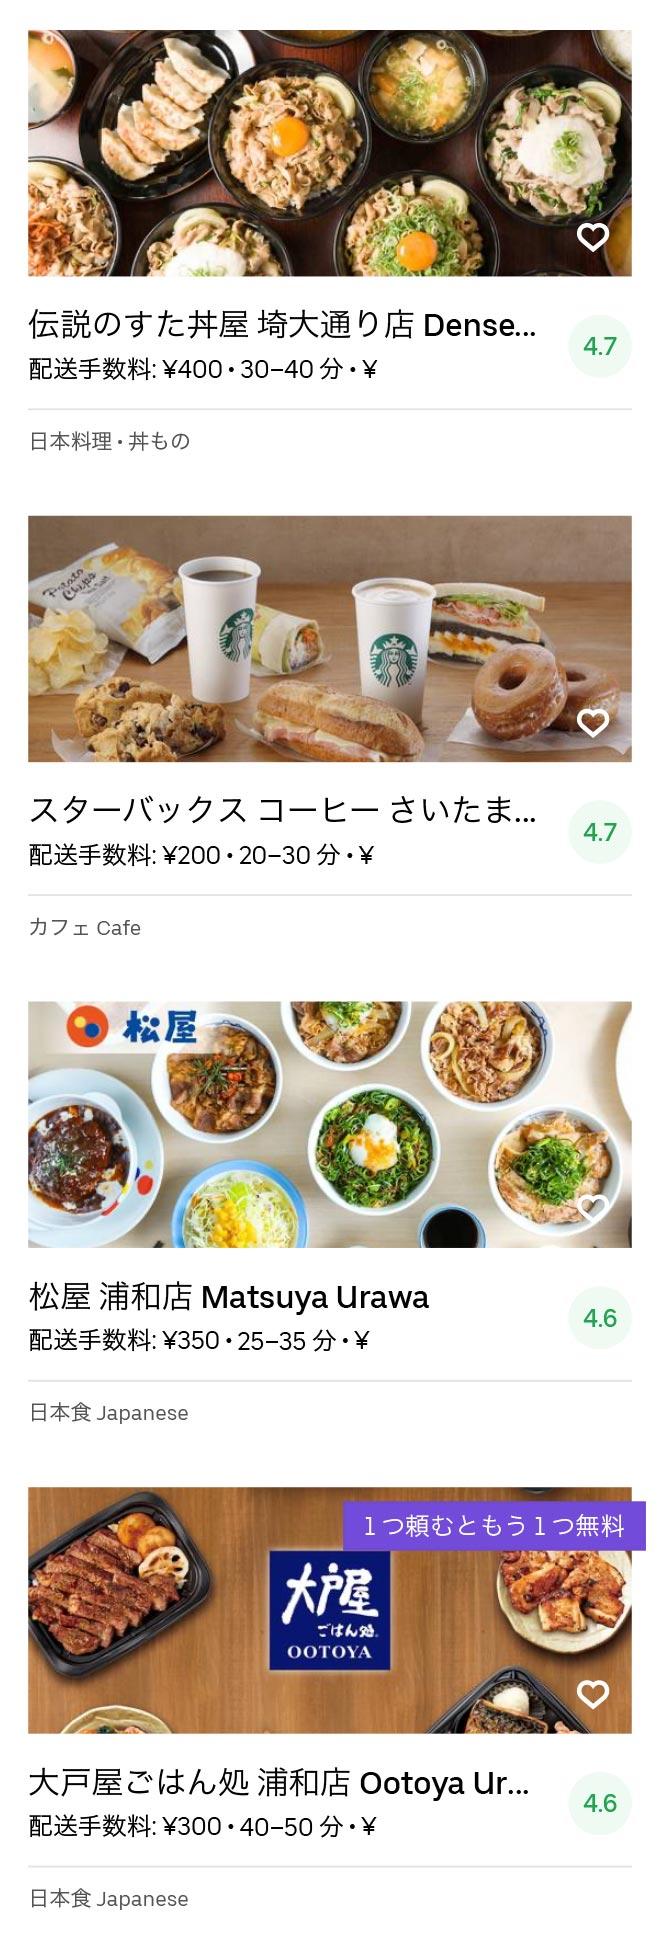 Saitama minami yono menu 2006 09